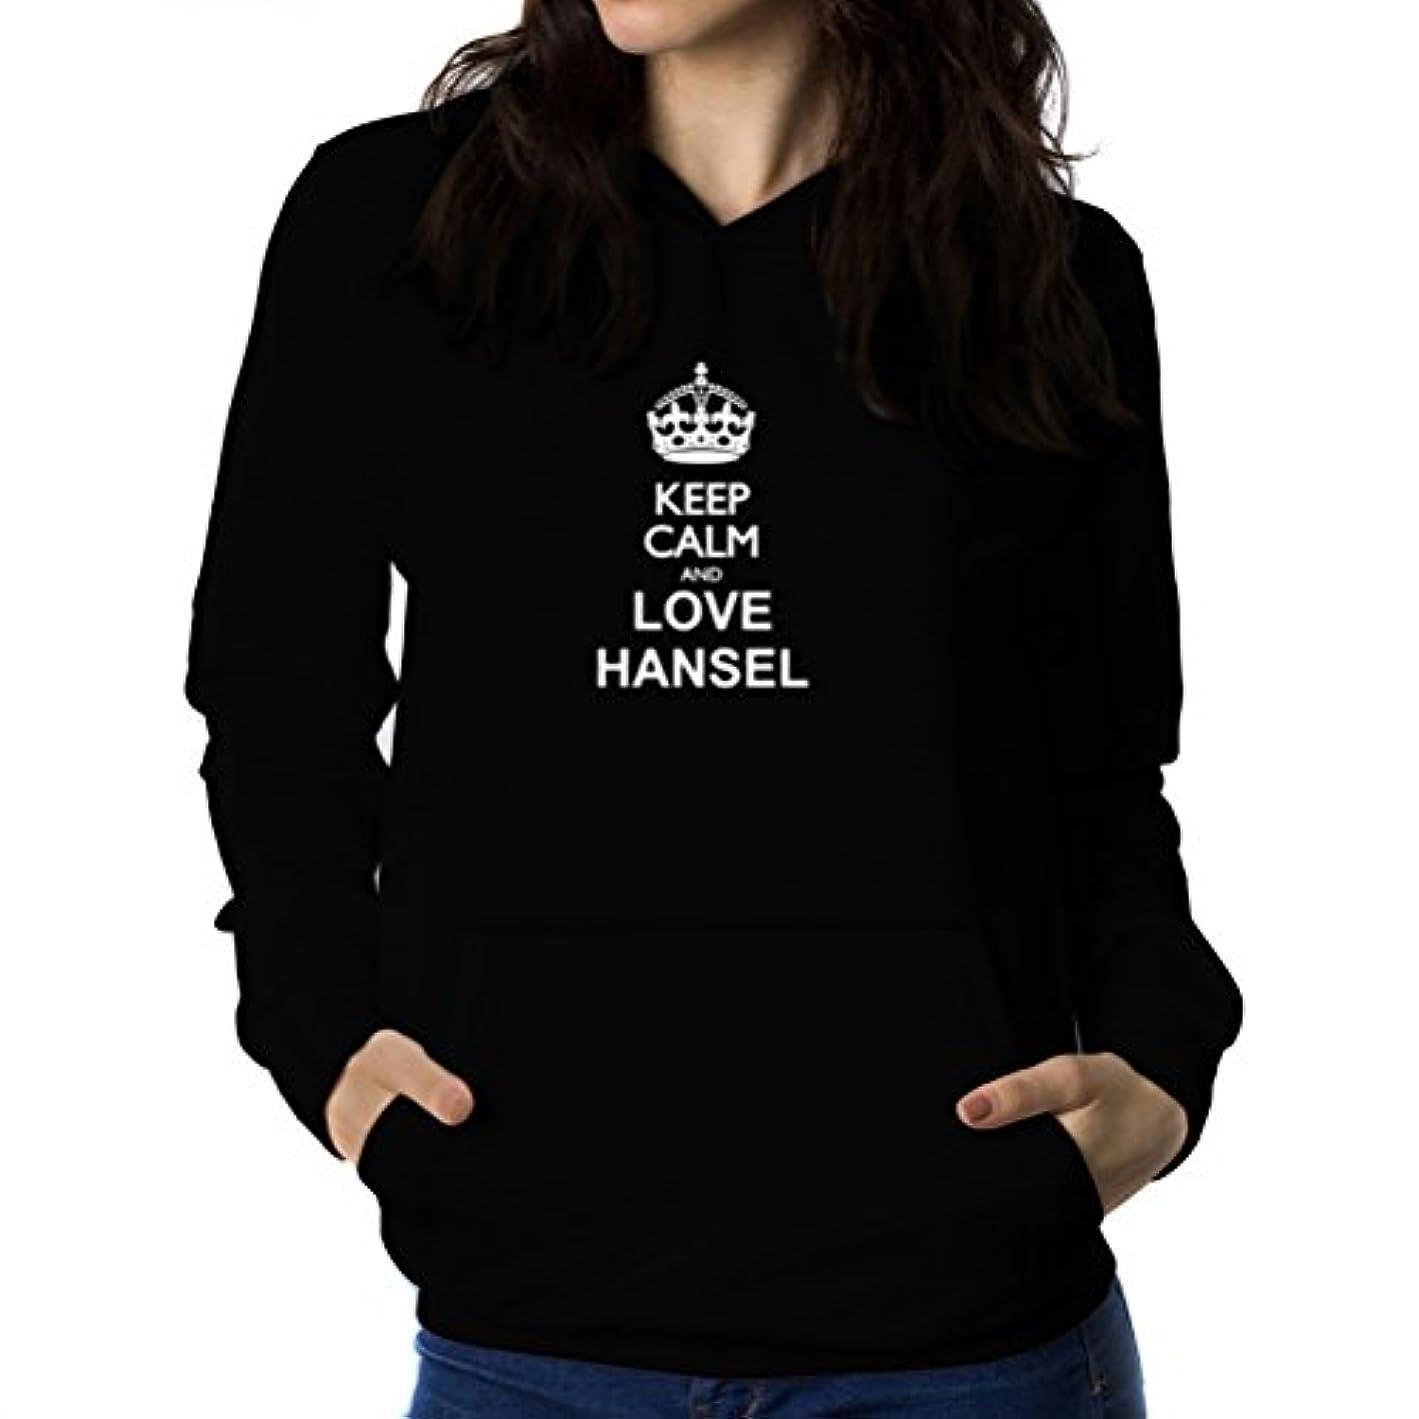 定期的に休憩スイKeep calm and love Hansel 女性 フーディー